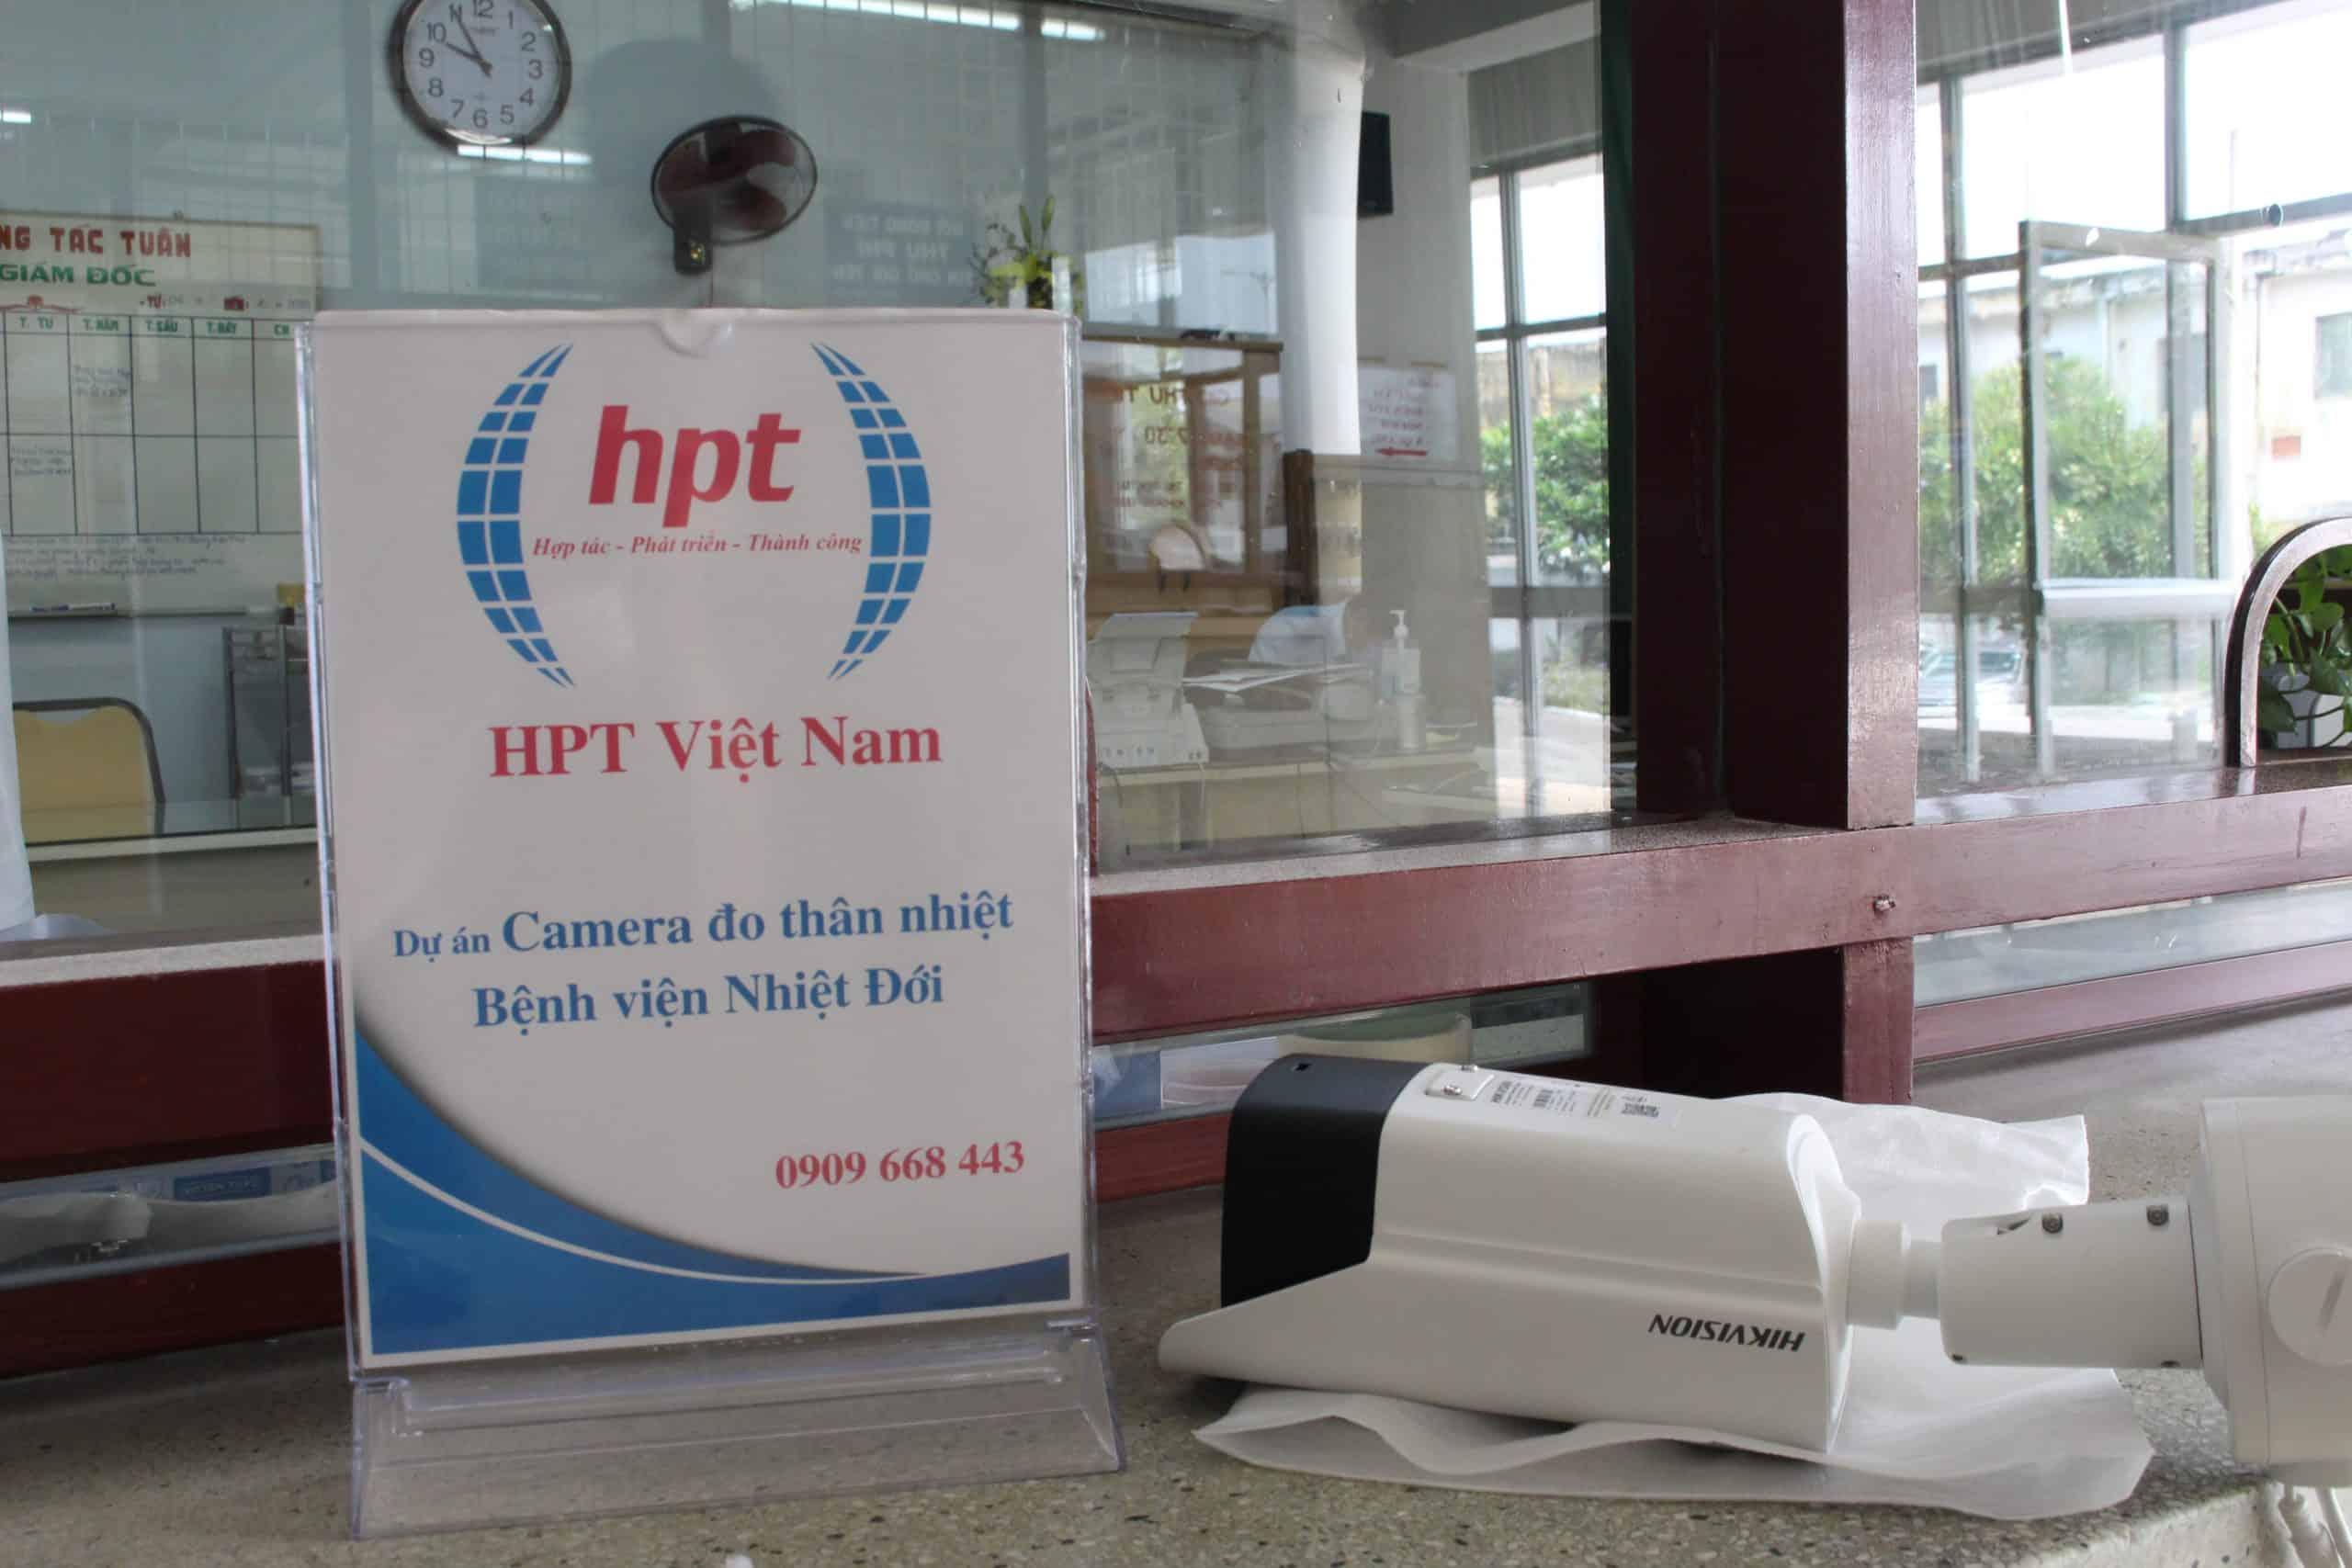 Camera đo thân nhiệt HIKVISION lắp đặt bệnh viện Nhiệt đới